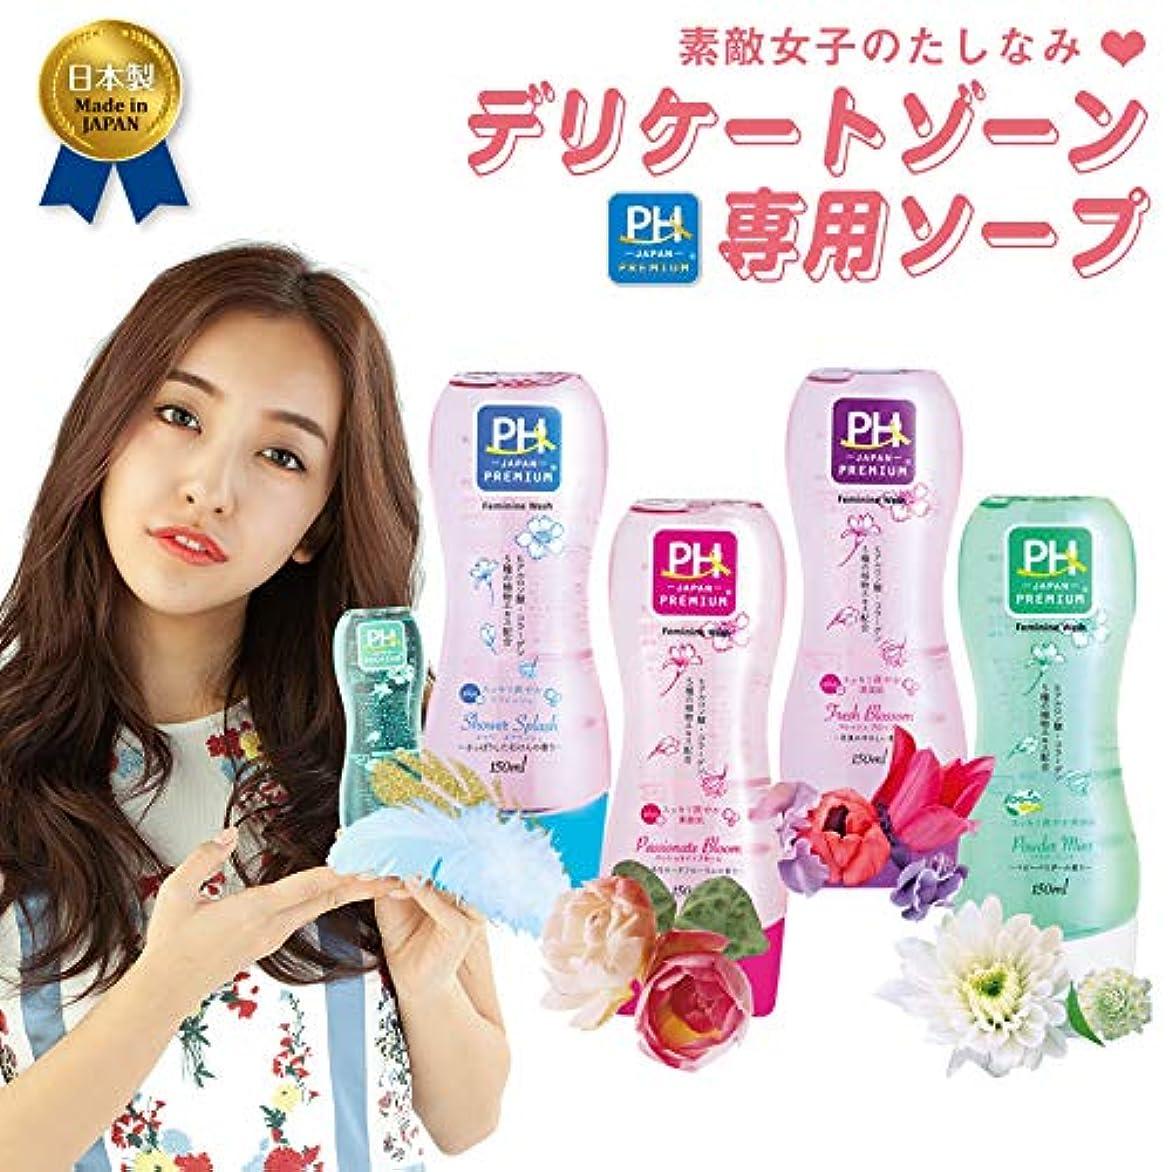 平和シンボルセッティングシャワースプラッシュ4本セット PH JAPAN フェミニンウォッシュ